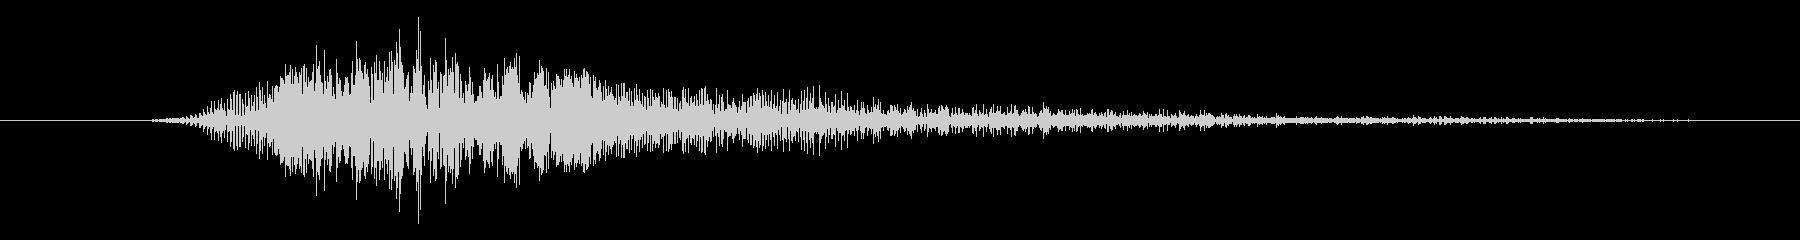 モンスター グロールアタックハイ02の未再生の波形